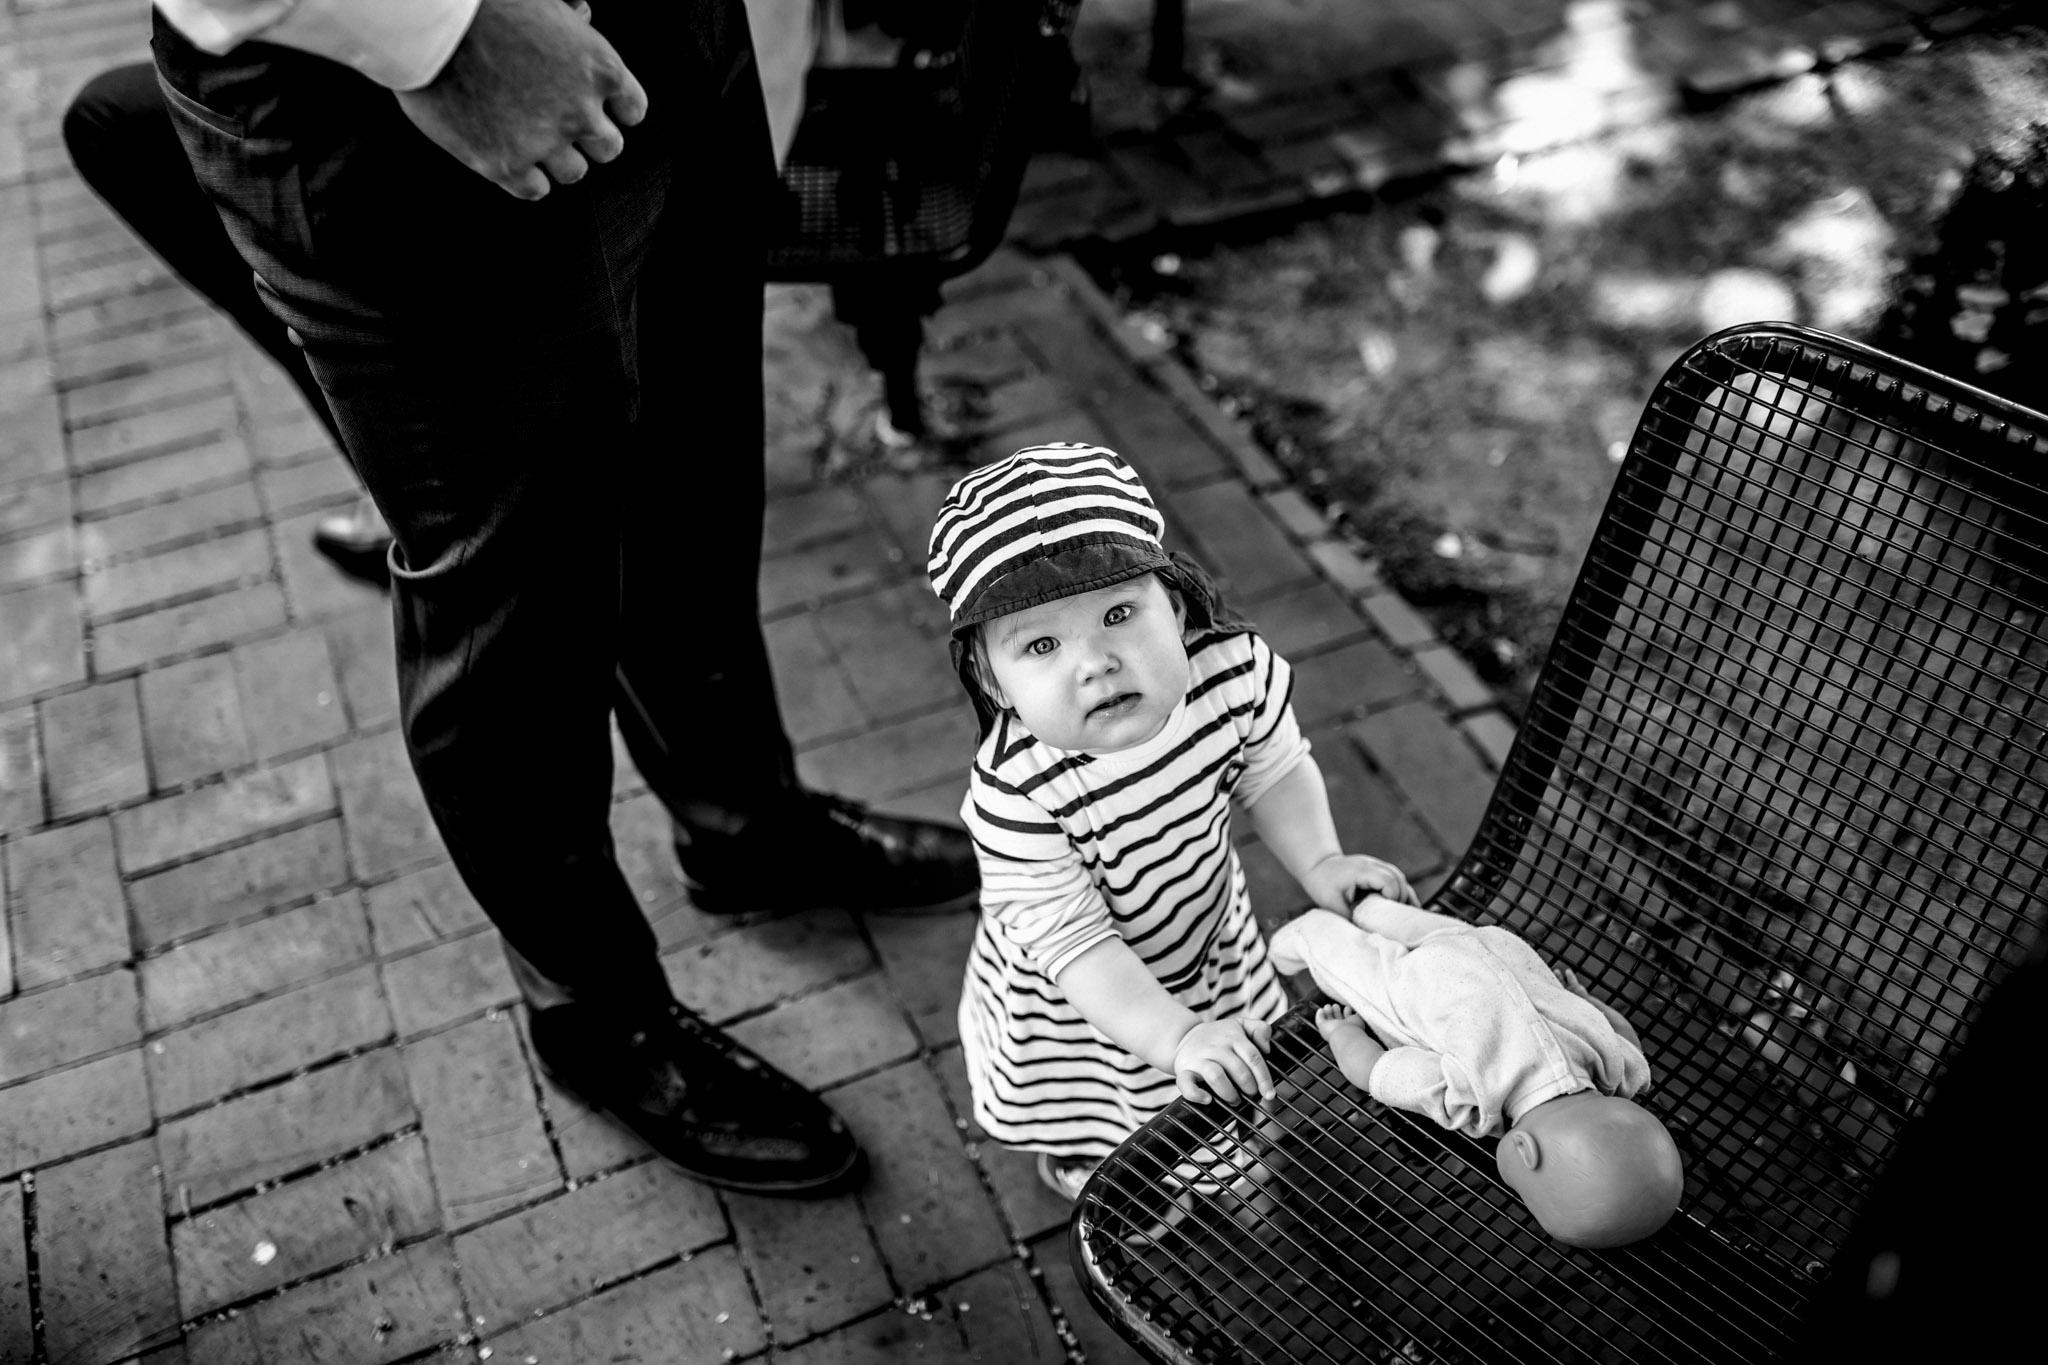 Sven Schomburg Hochzeitsfotografie, Hamburg, Mölln, Hochzeitsfieber by Photo-Schomburg, Hochzeitsreportage, Forsthaus Waldhusen, Braut, Bräutigam-18